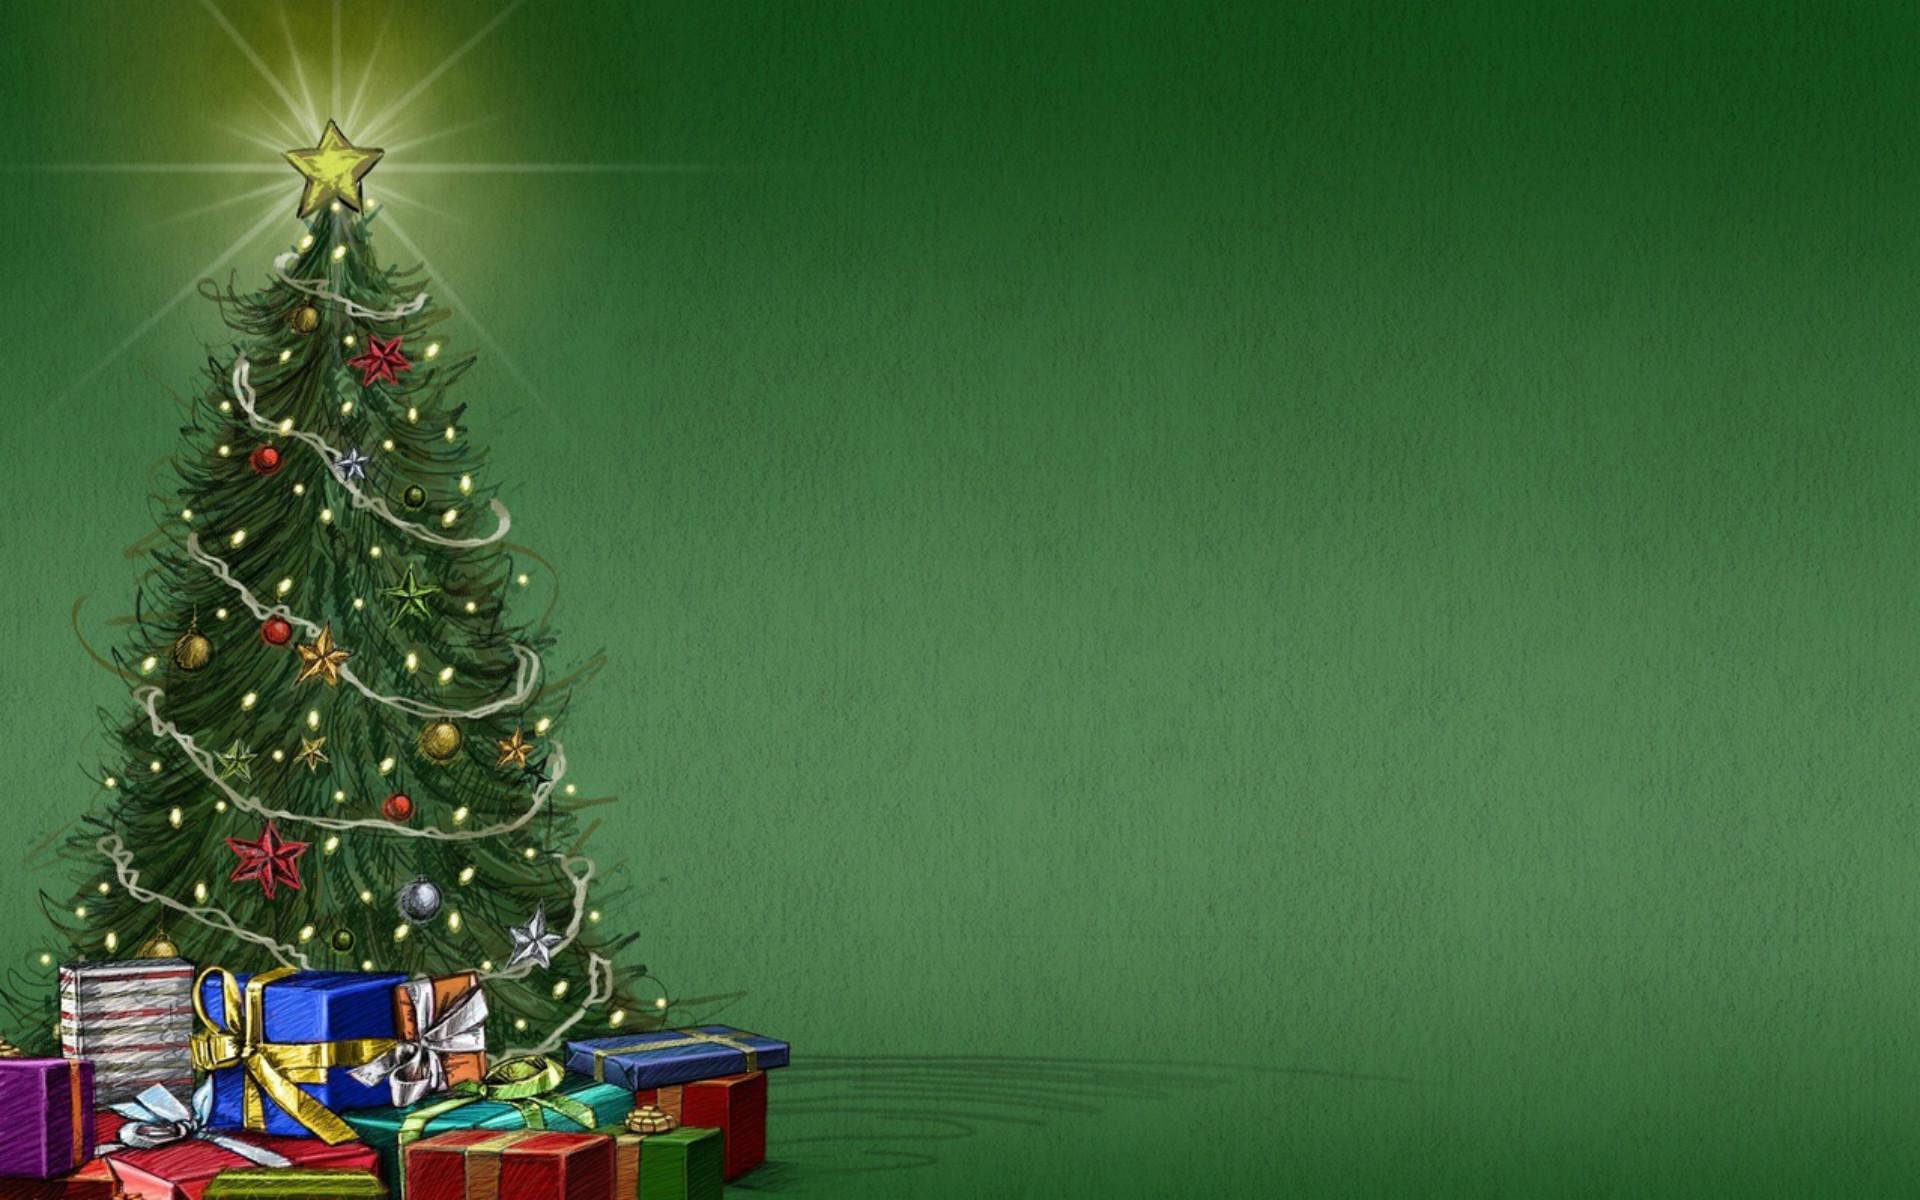 Imágenes Y Fotos De Arboles De Navidad Y Decoraciones